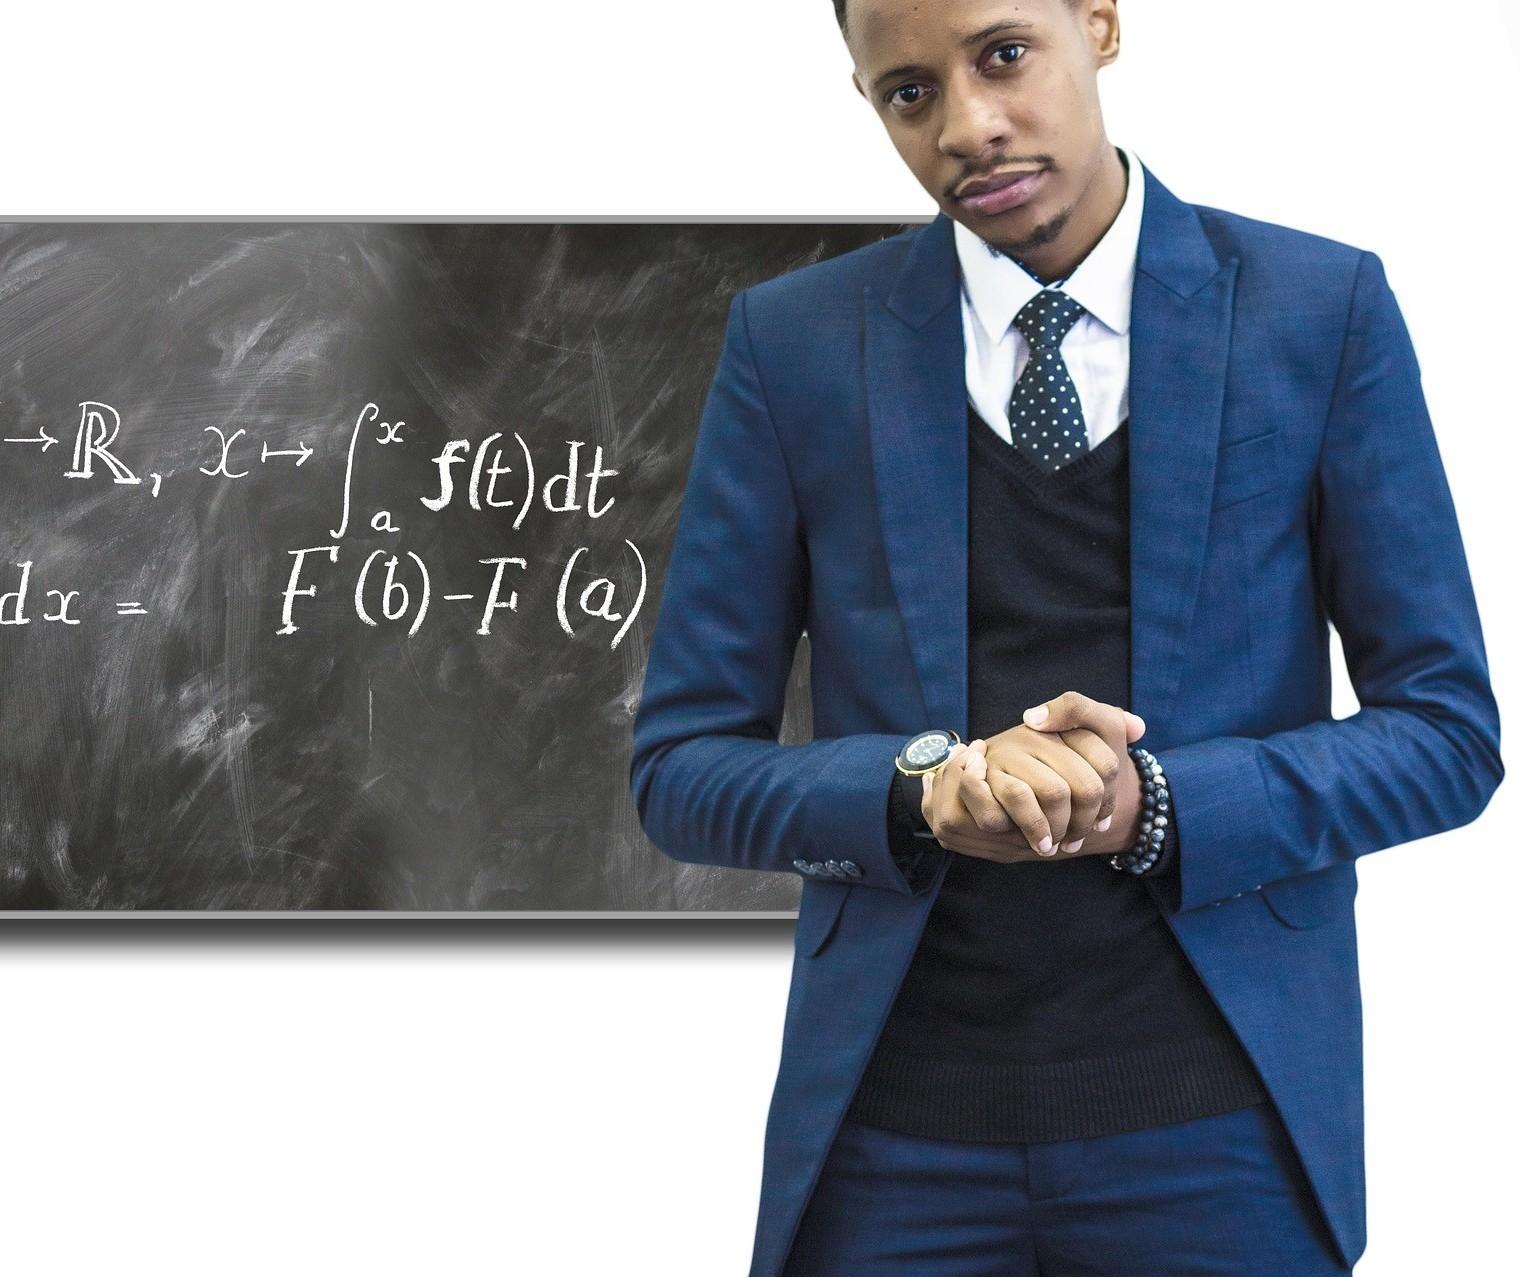 Educação pública deve valorizar talentos